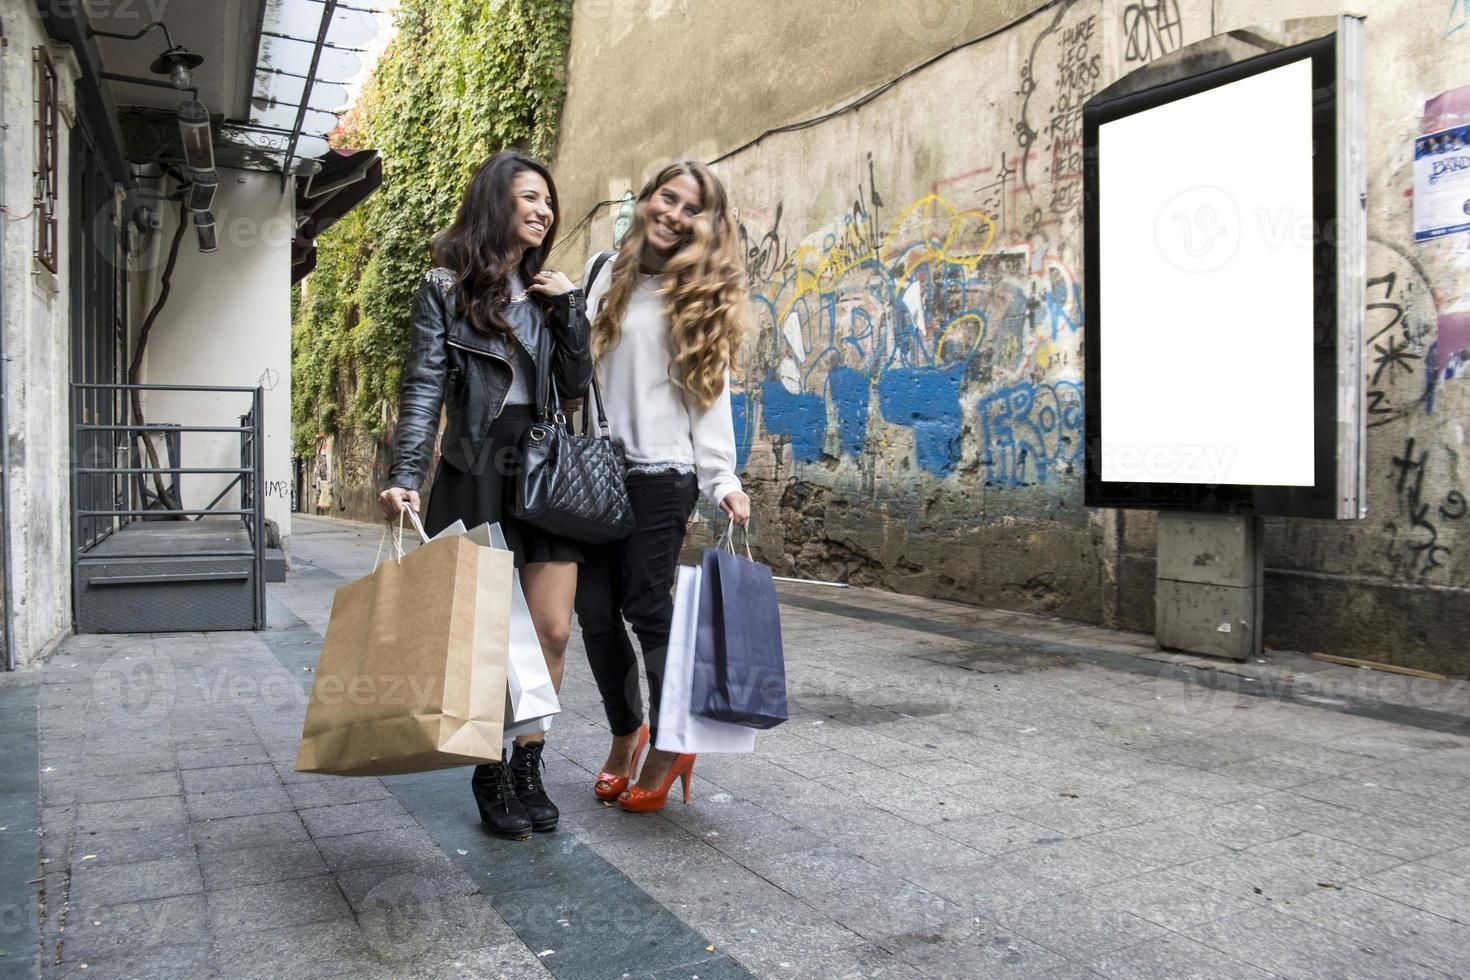 duas meninas conversam e caminham foto